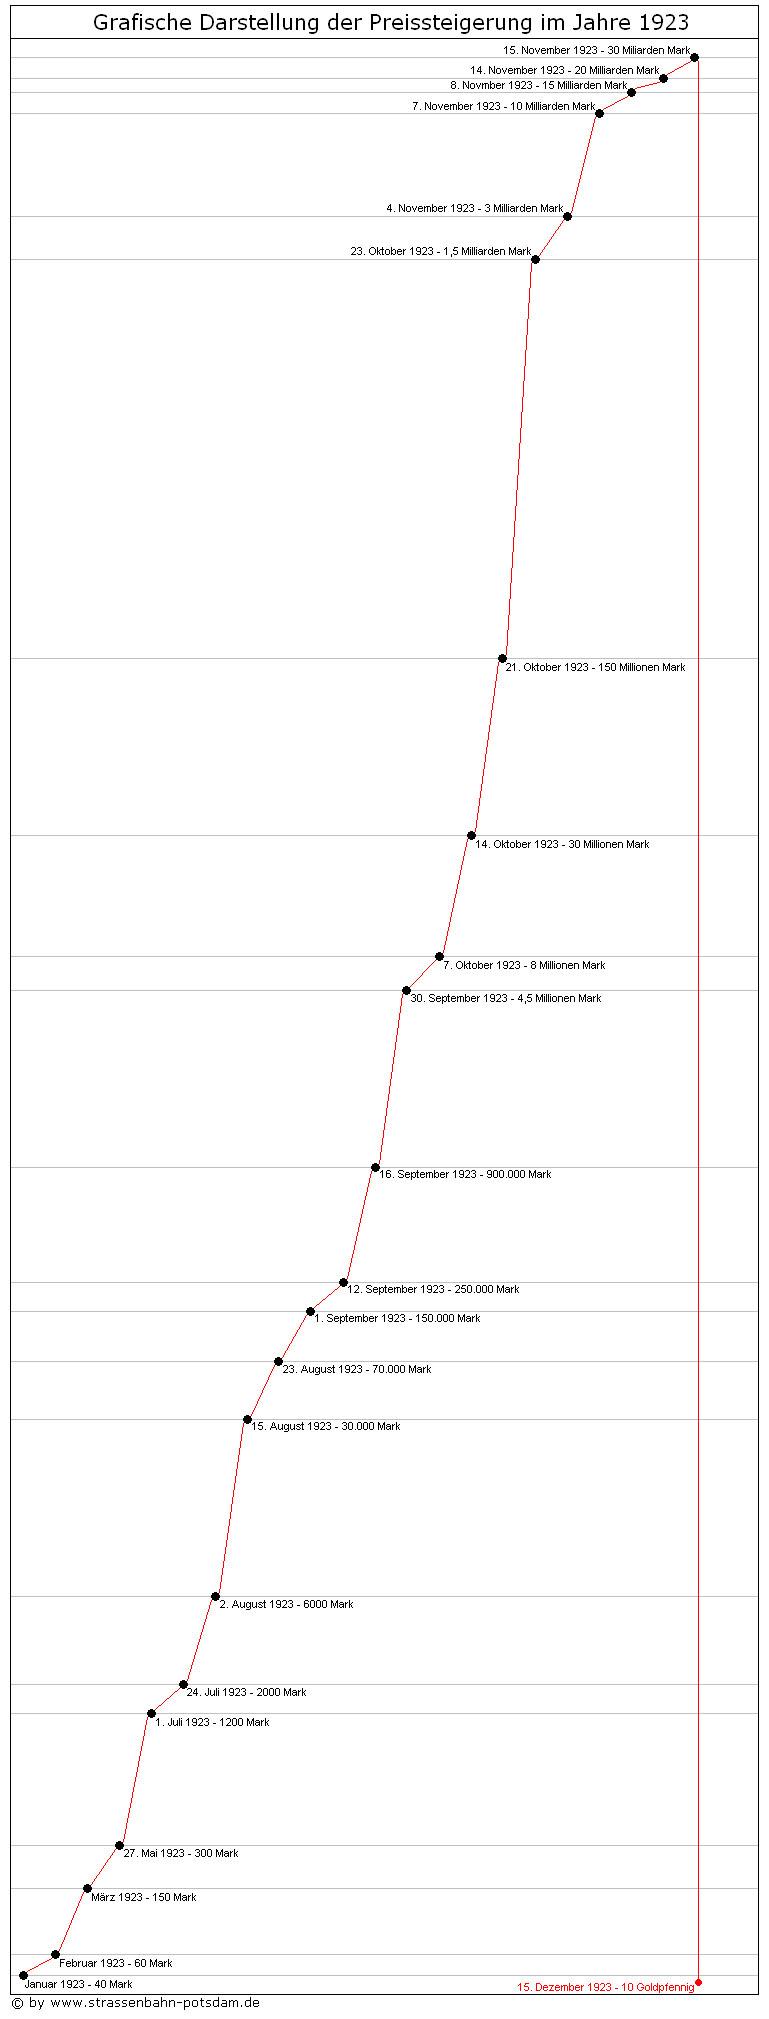 Bild: Grafische Darstellung der Fahrpreise 1923